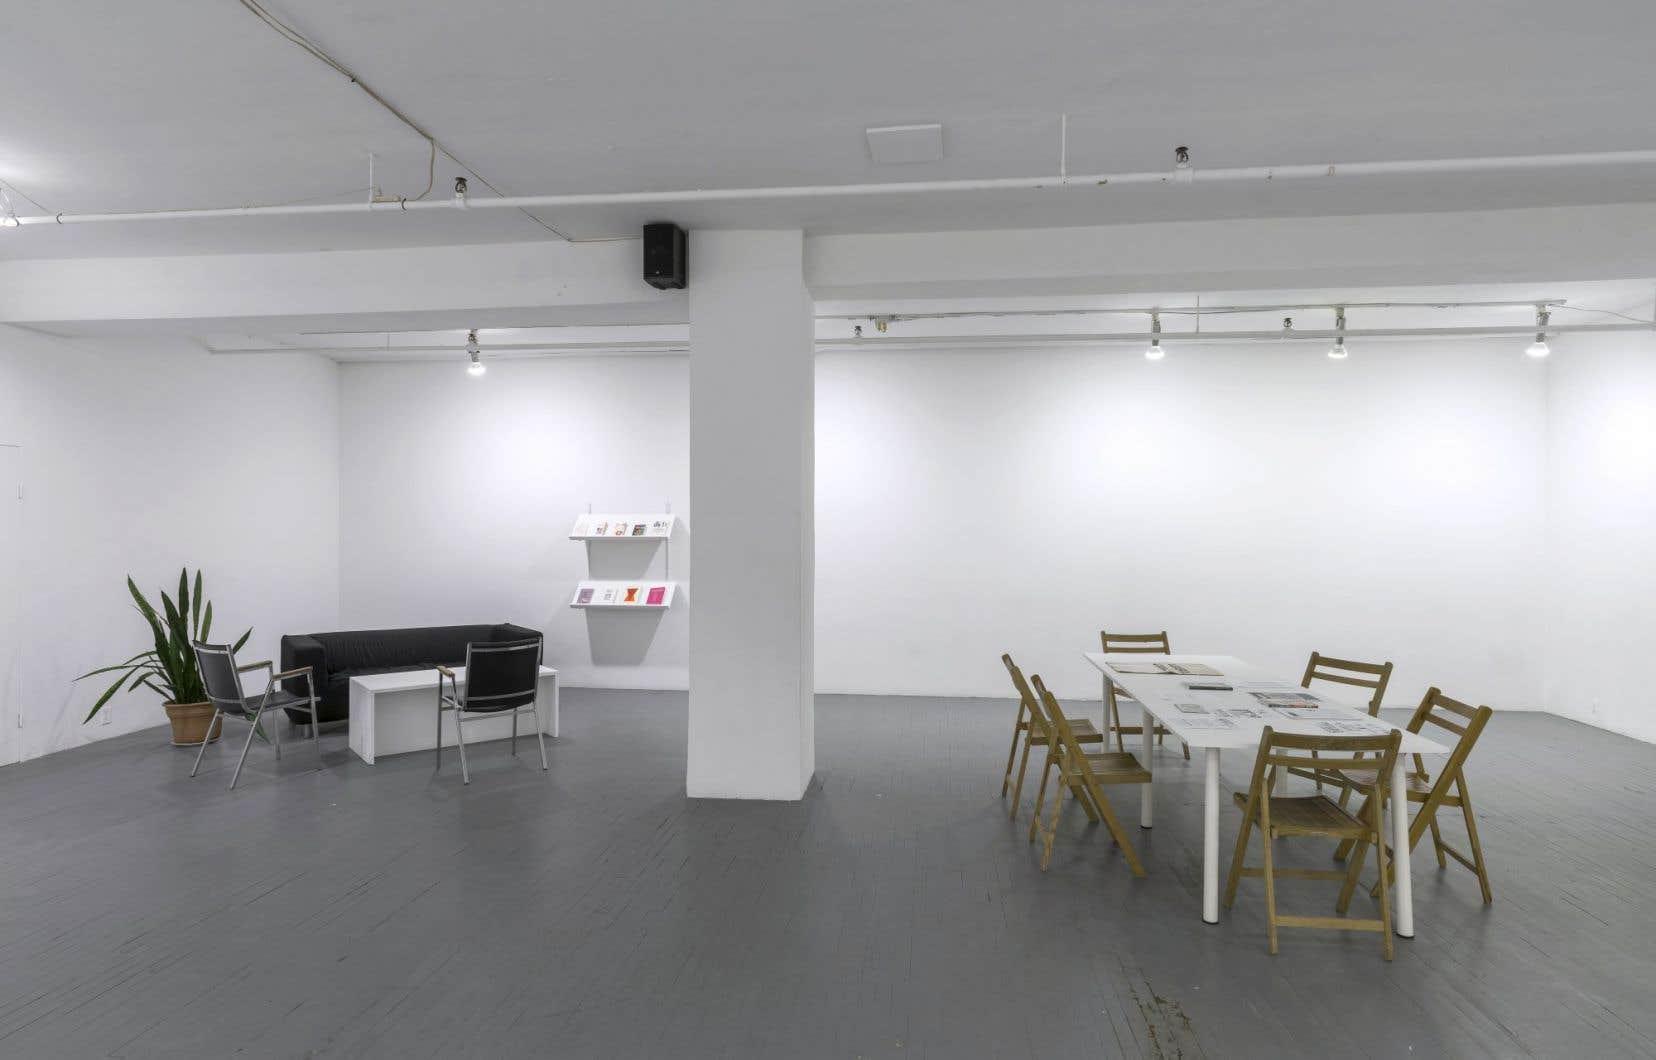 L'art y est absent, l'espace faisant plutôt place aux livres et aux textes sur des supports variés.